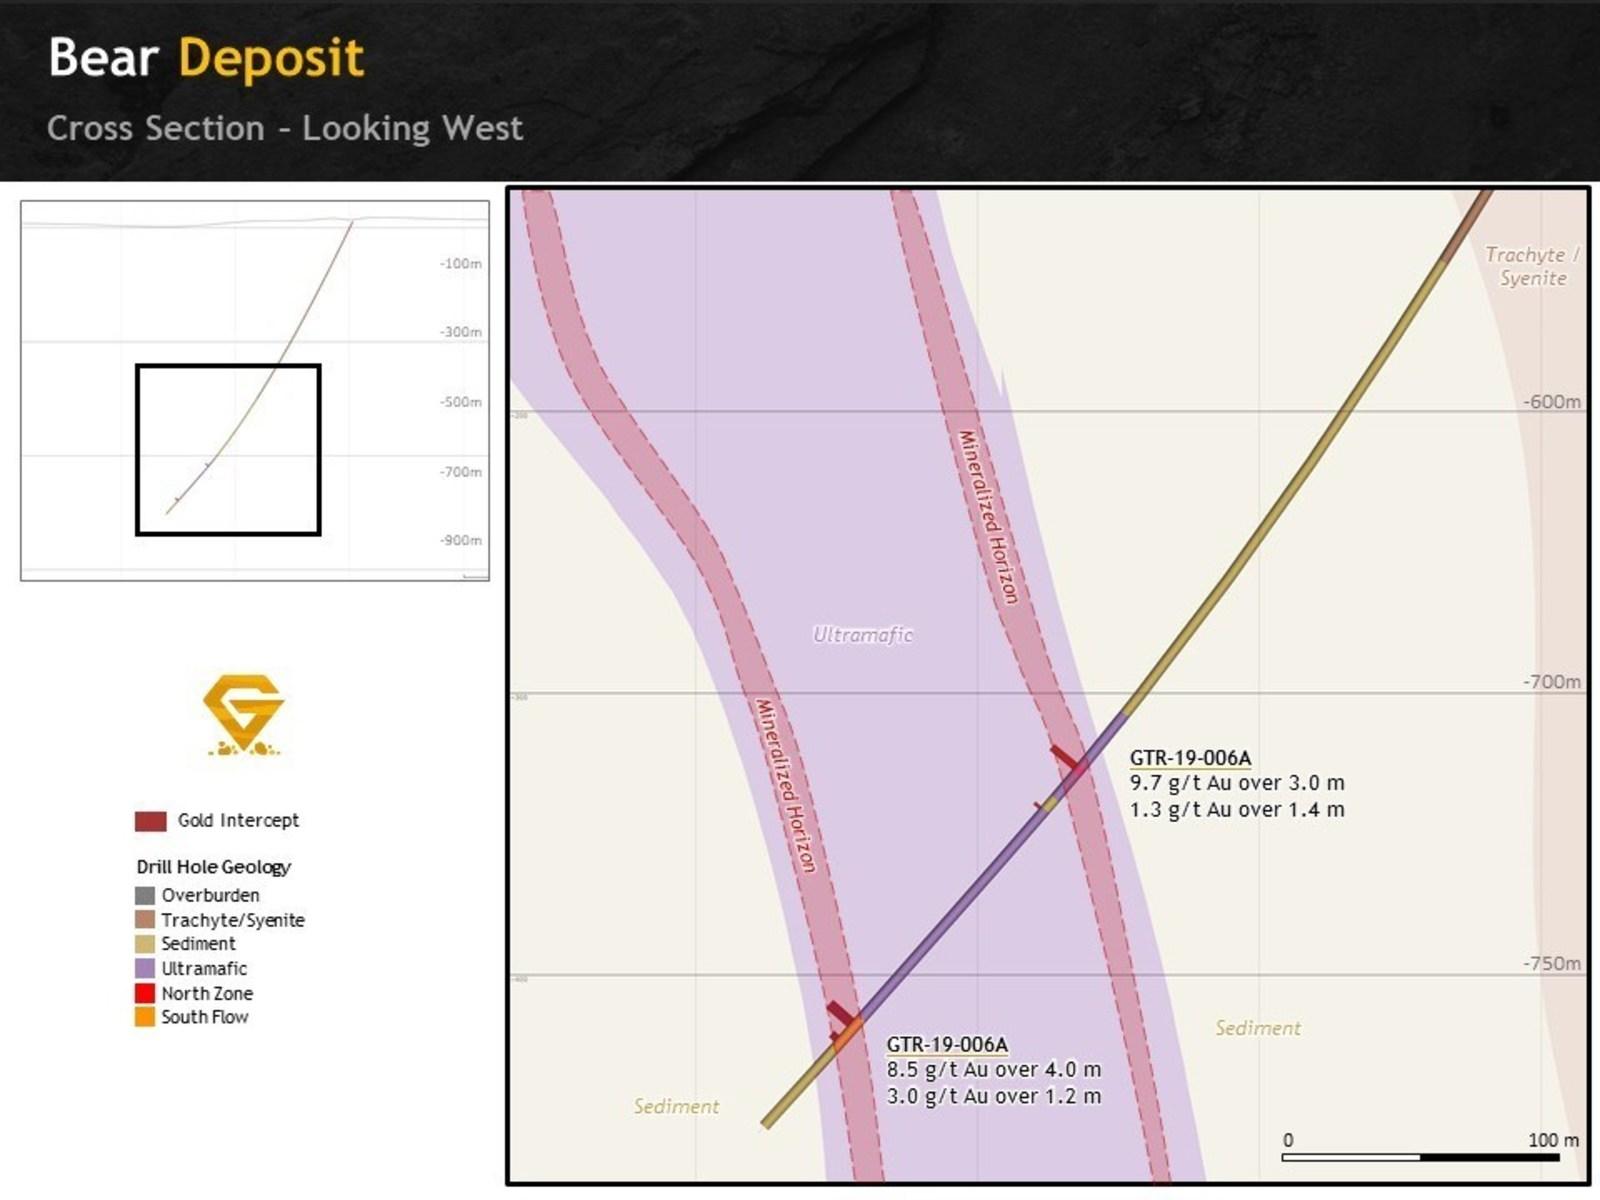 Figure 4. Bear Deposit cross section looking west showing hole GTR-19-006A.